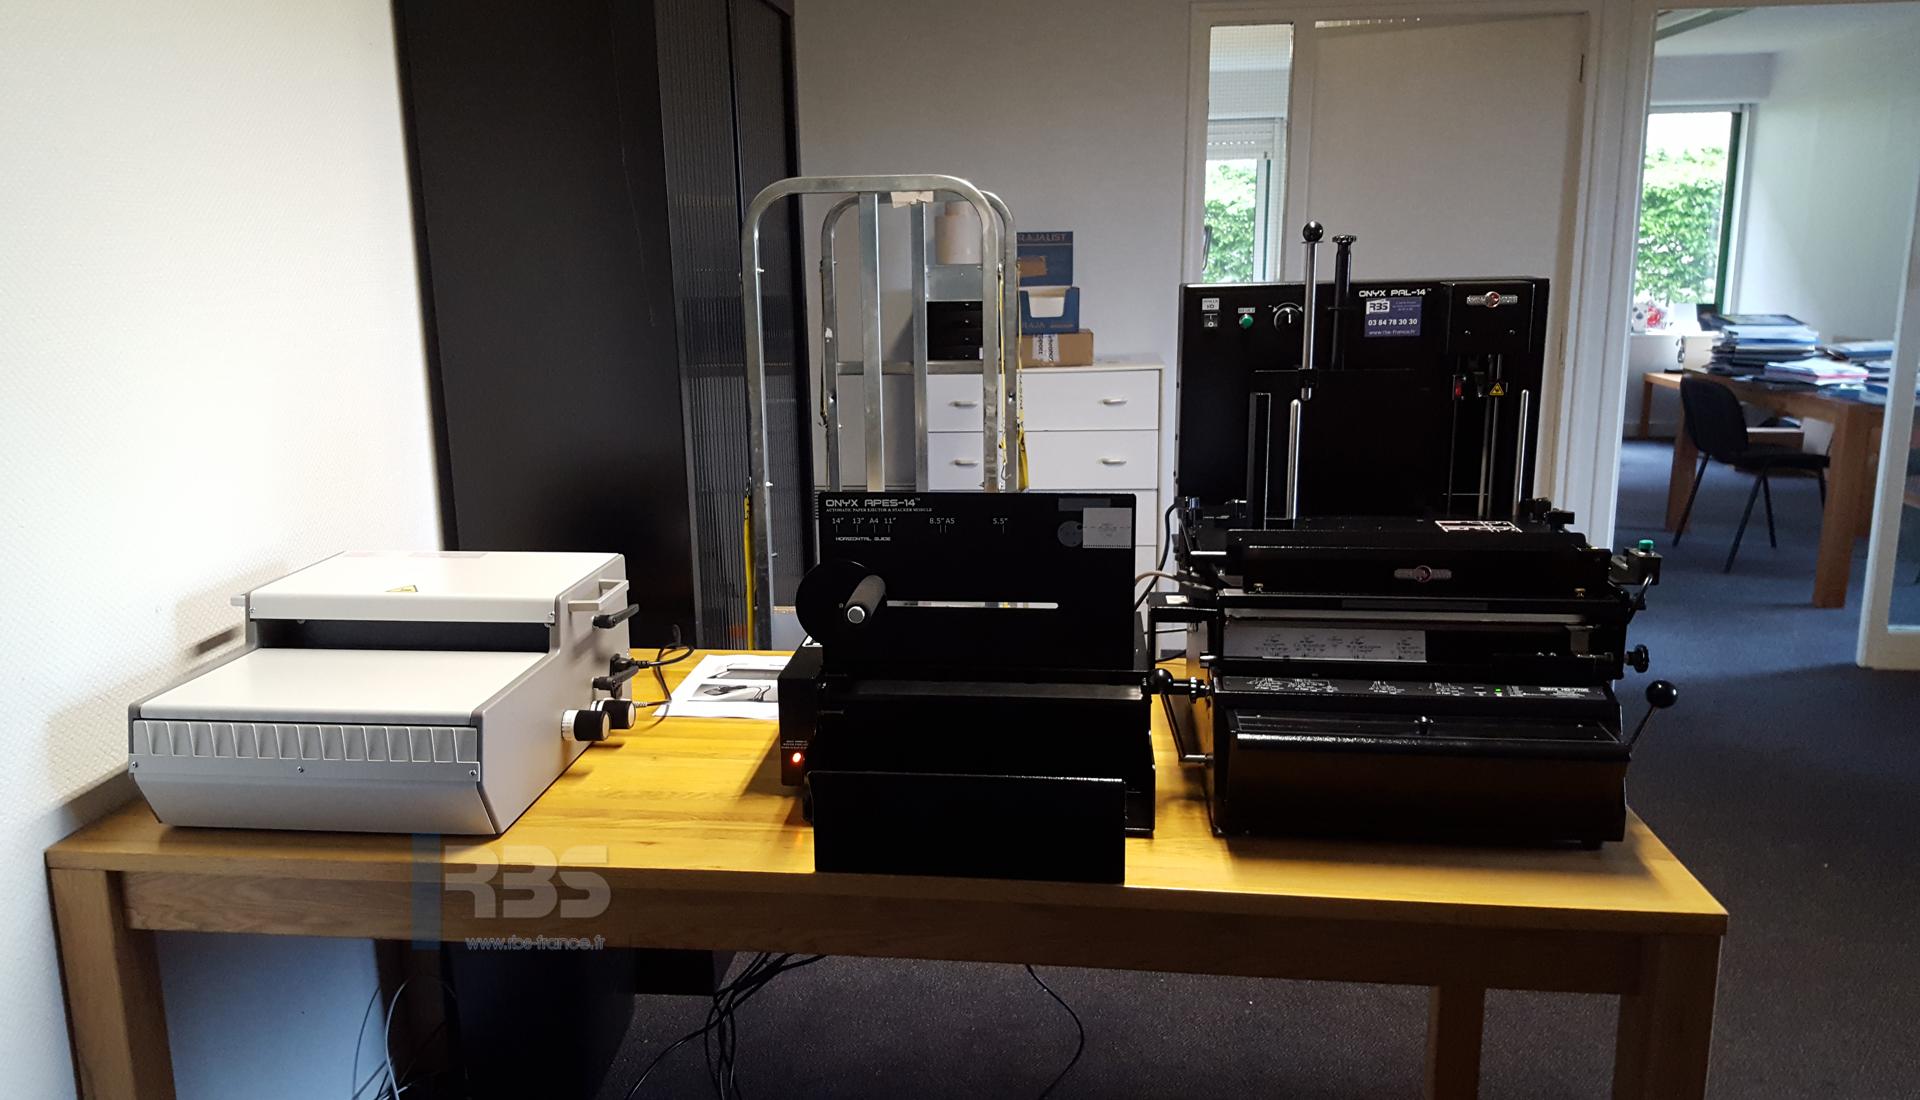 Module De Reliure Automatique 3 En 1 Pps Onyx Hd 7700 Ultima Et Wbs 3600 En Entreprise